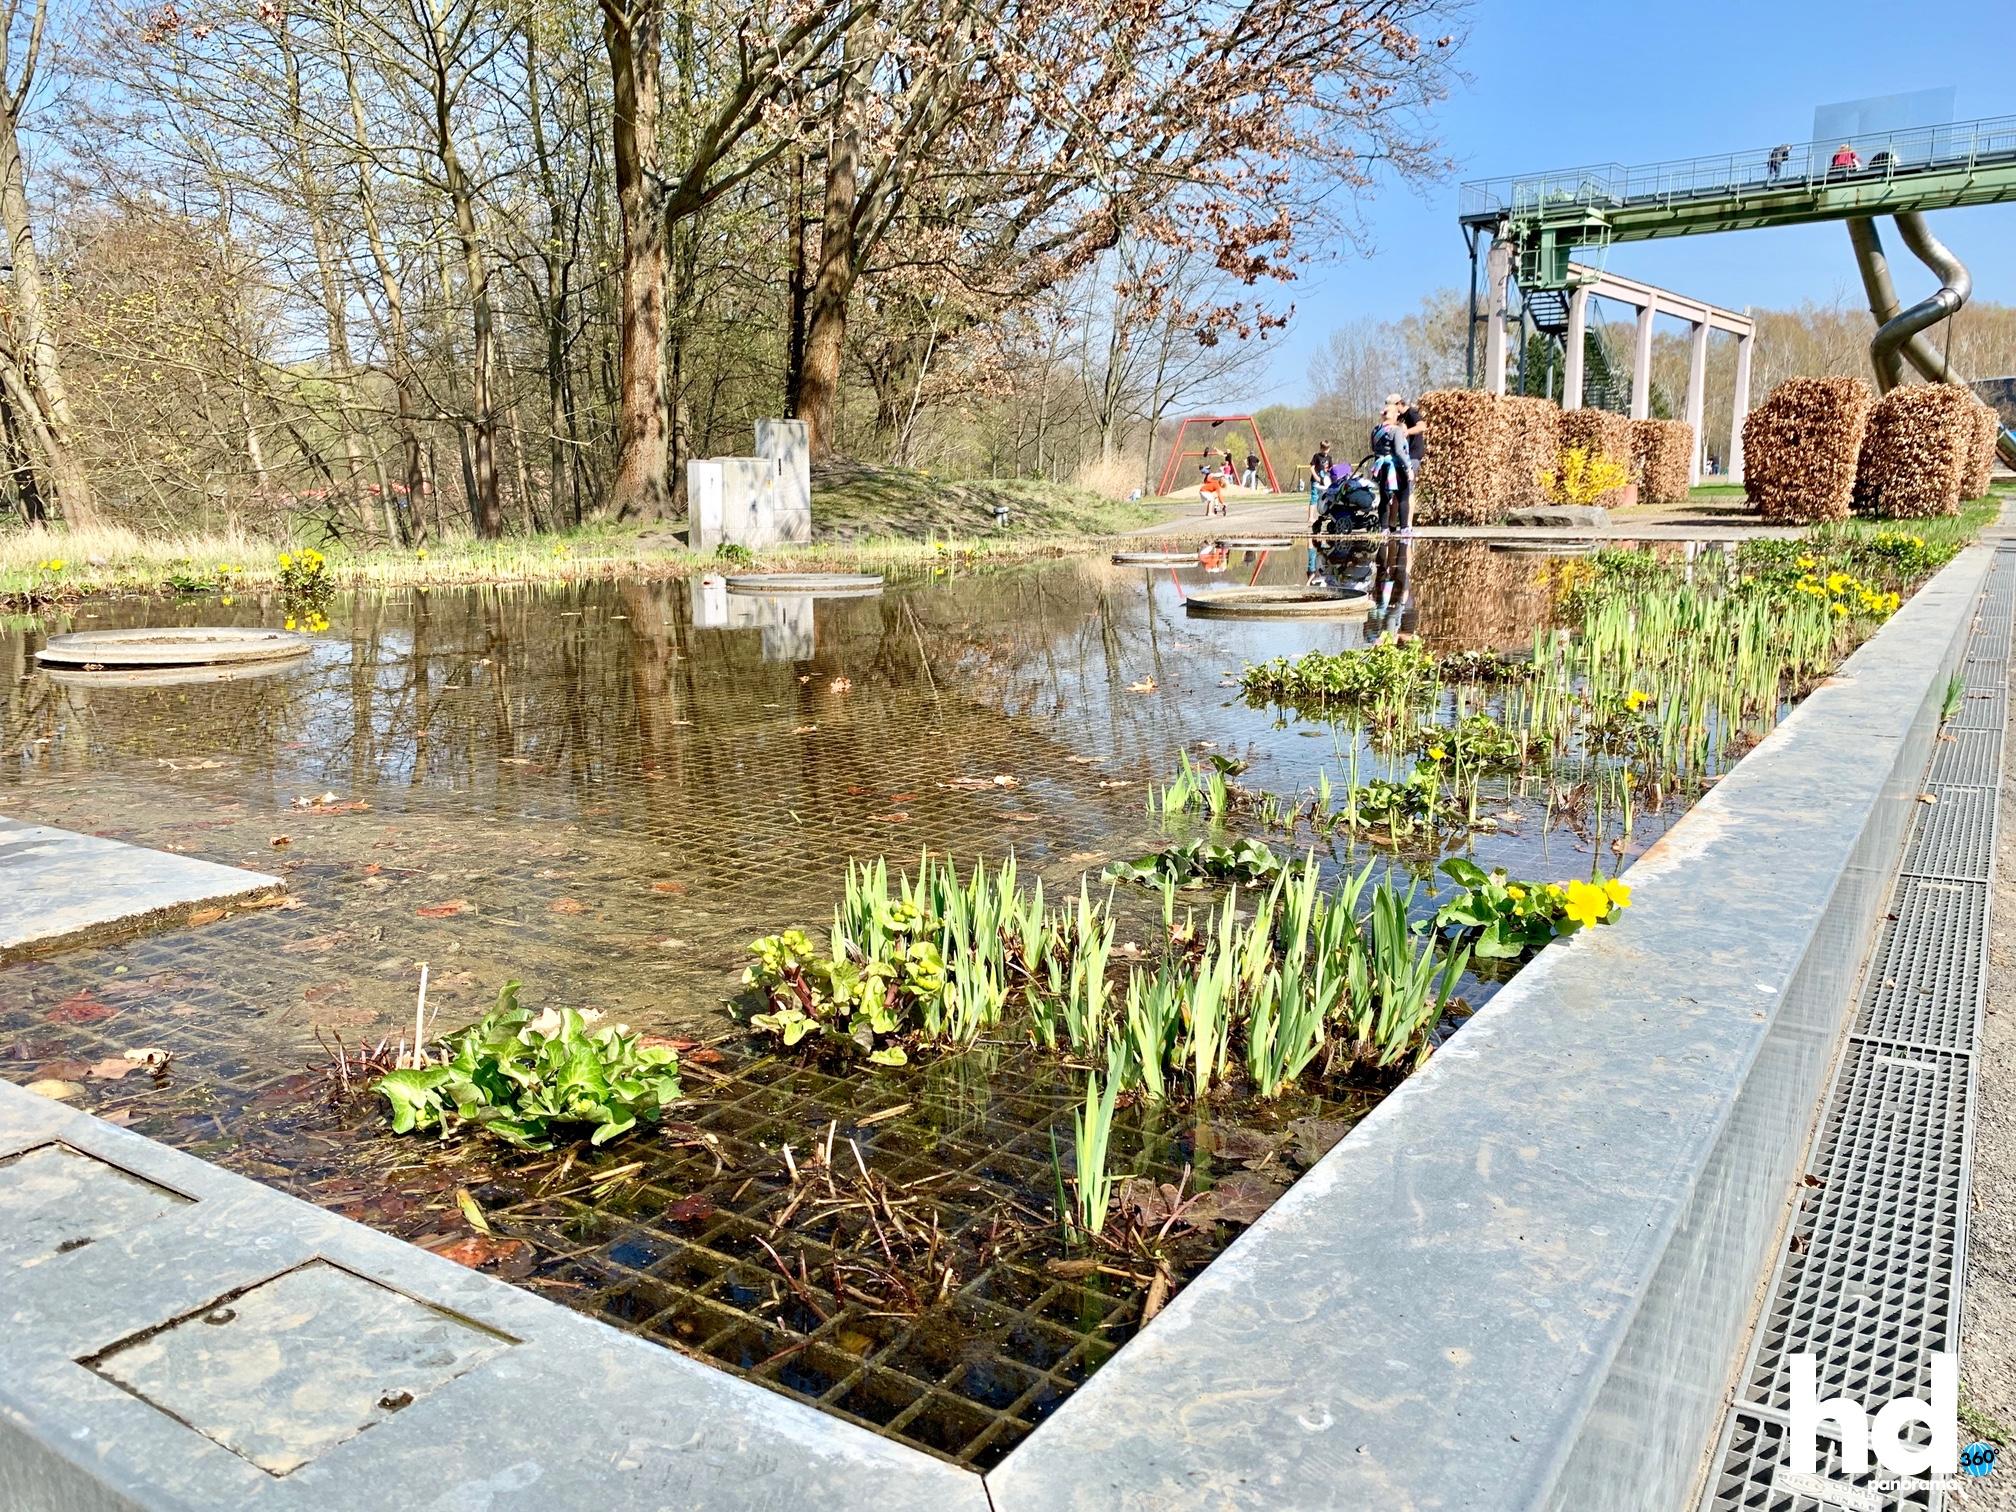 Familiengarten Eberswalde - HD-Panorama © René Blanke